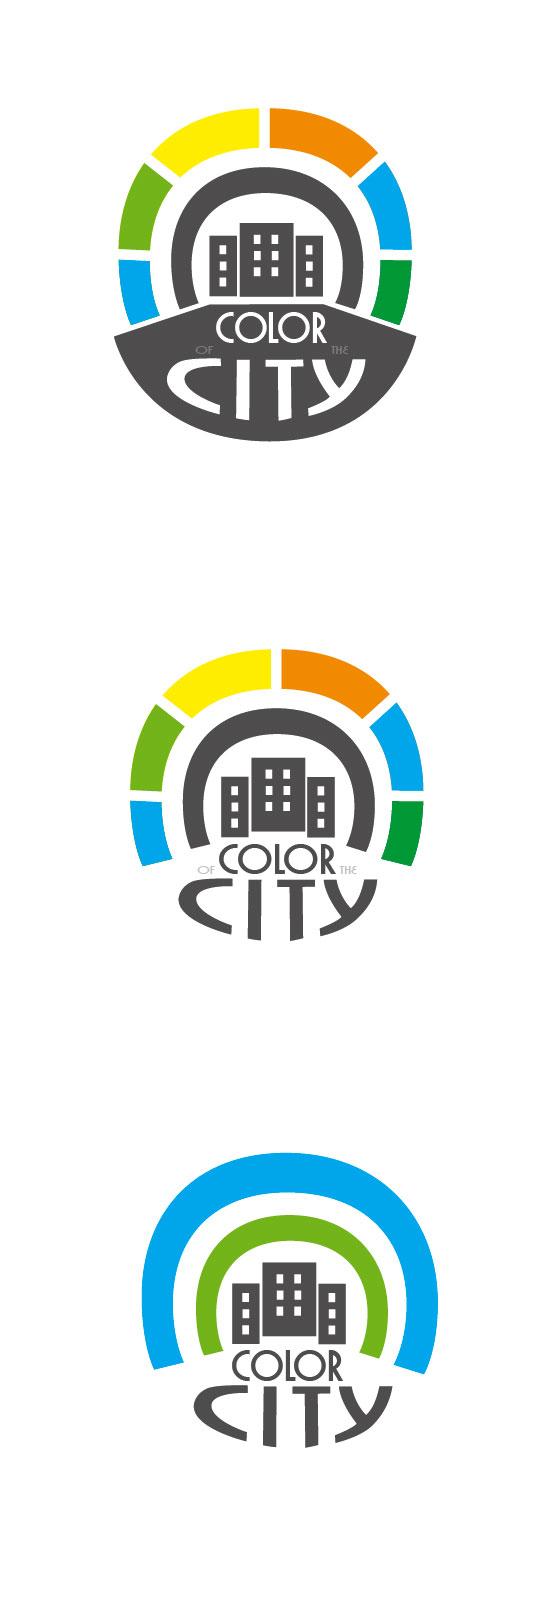 Необходим логотип для сети хостелов фото f_94751ab99ed1e290.jpg